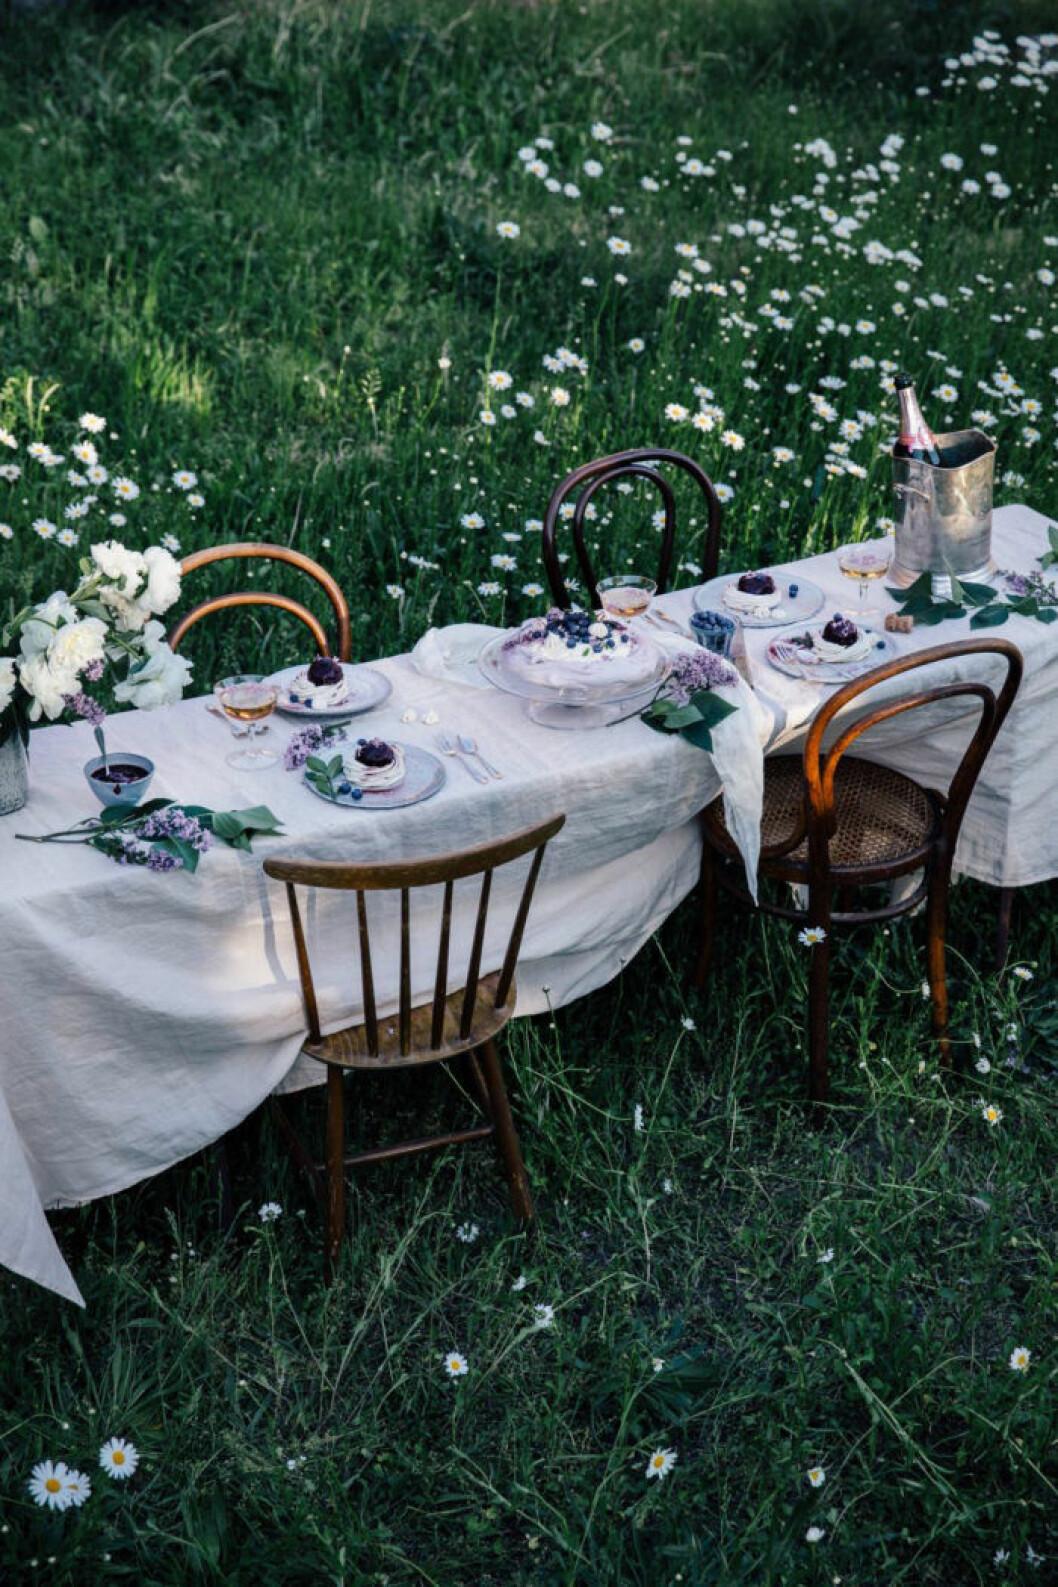 dukat bord med linneduk på gräsmattan